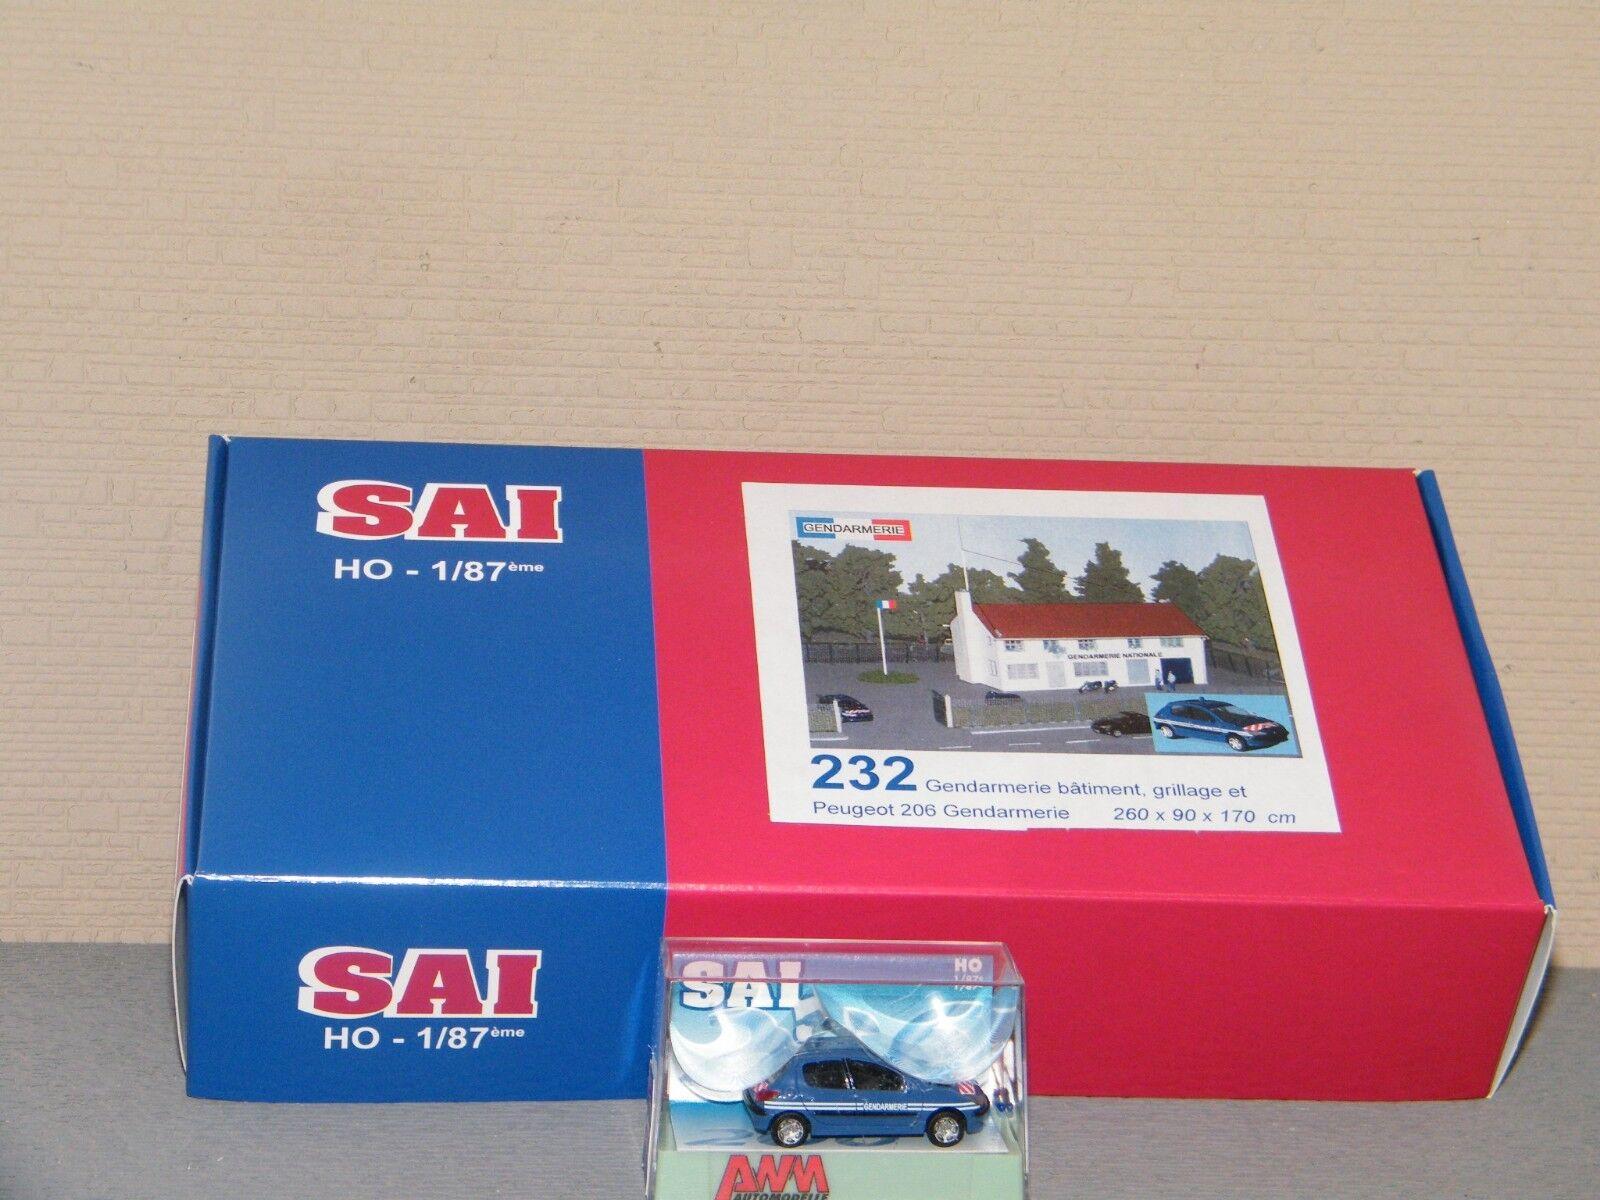 GENDARMERIE Batiment, grillage et miniature Peugeot 206 SAI 1 87 Ref 232